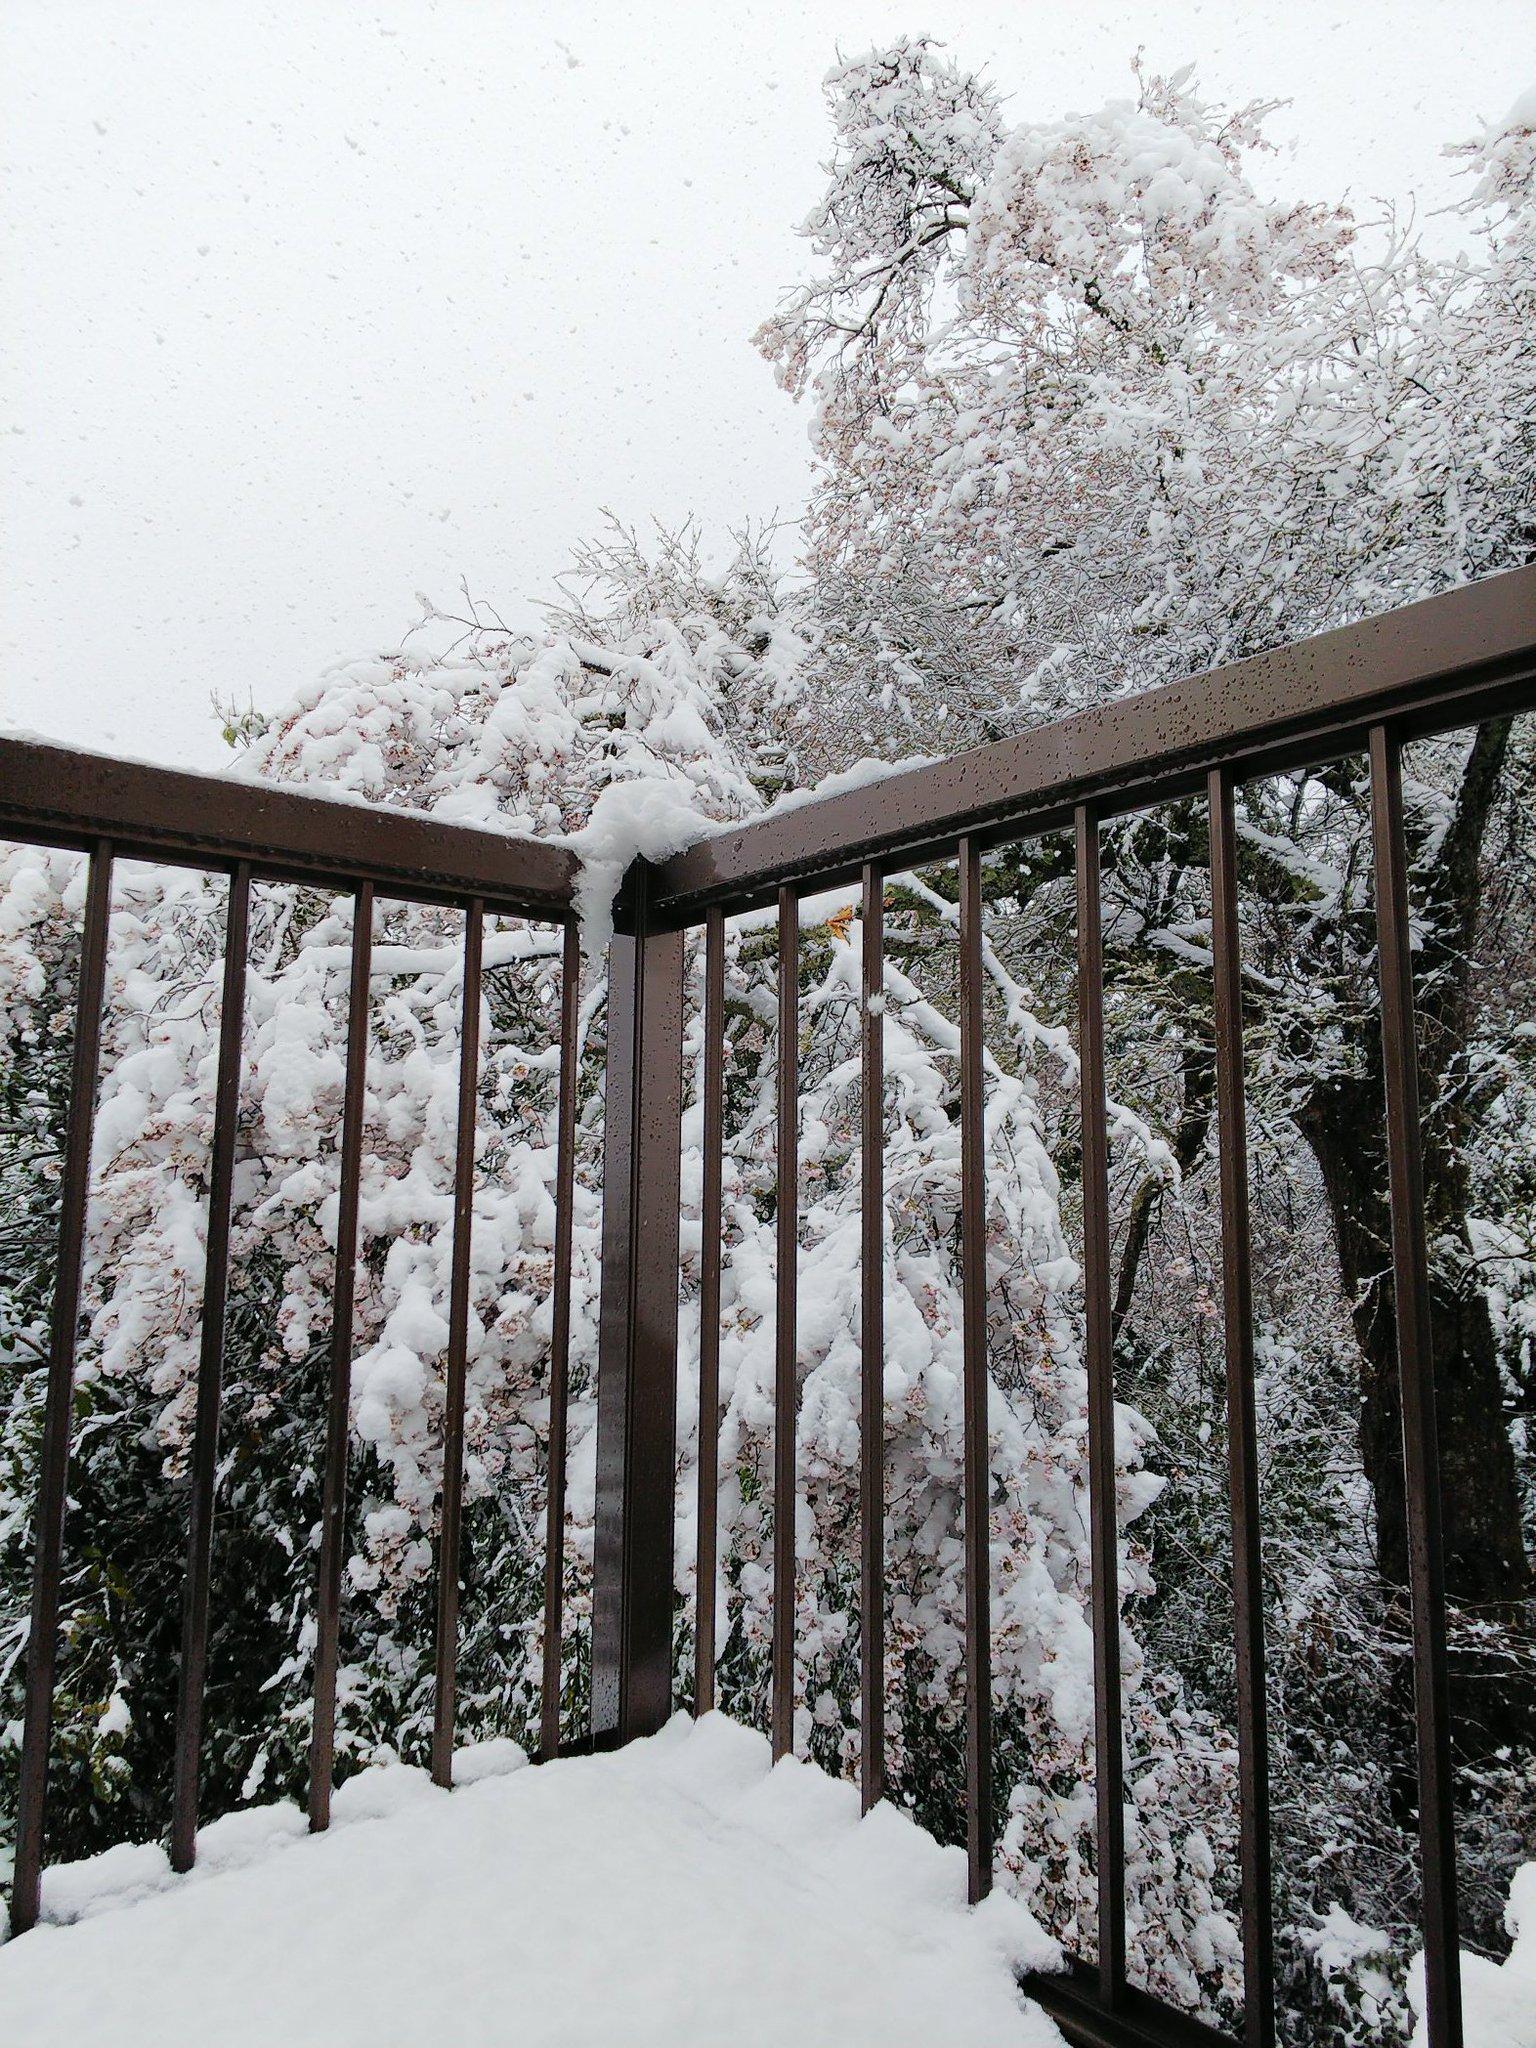 画像,昨日の晴天はどこへ?うちの山桜がぁぁ停電しちゃって、寒いし・・・仕事行きたくない😩 https://t.co/pkkeJZWgrP…